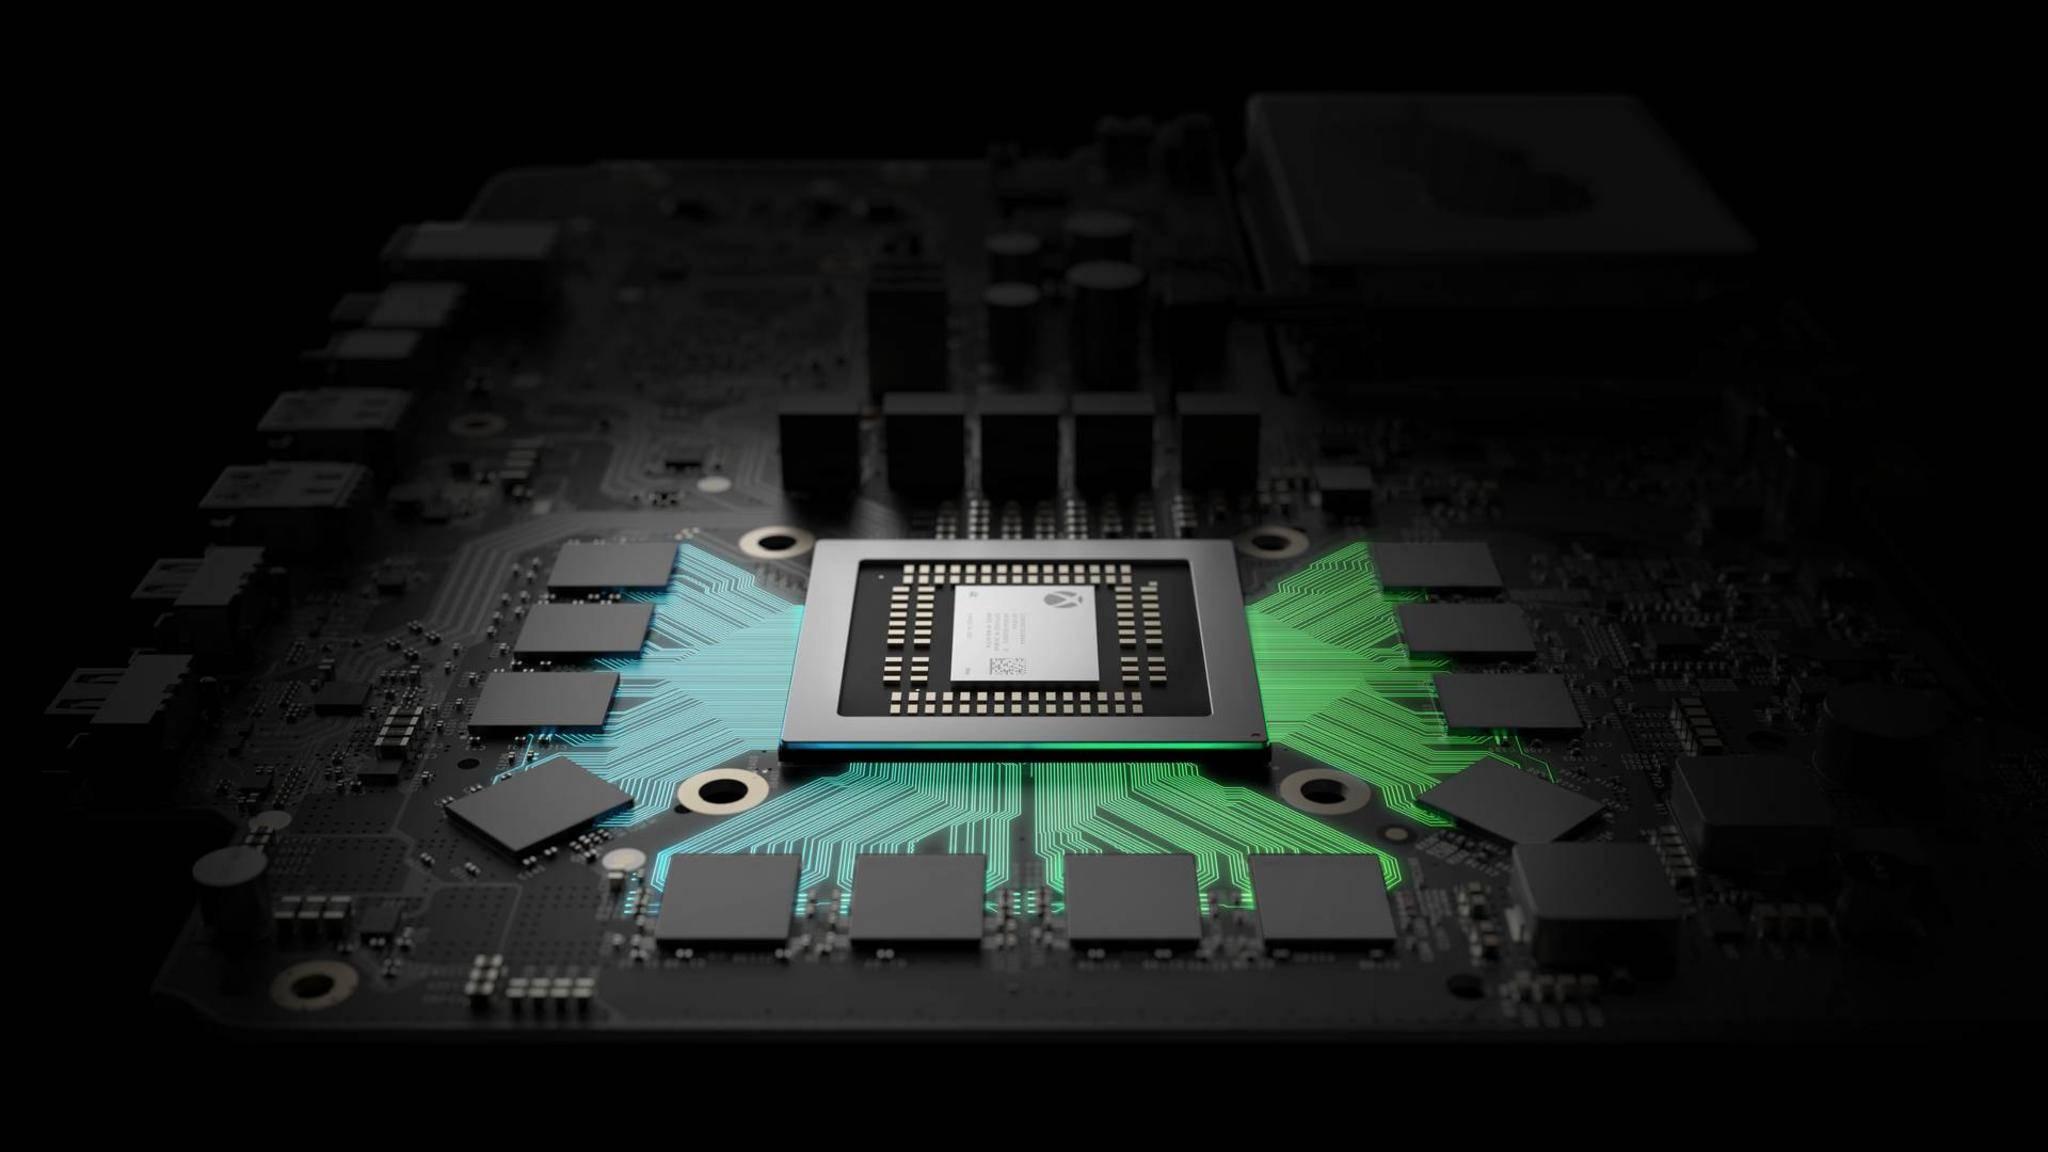 PS4 Pro und Xbox Scorpio im Vergleich: Welche Spielekonsole soll man kaufen?